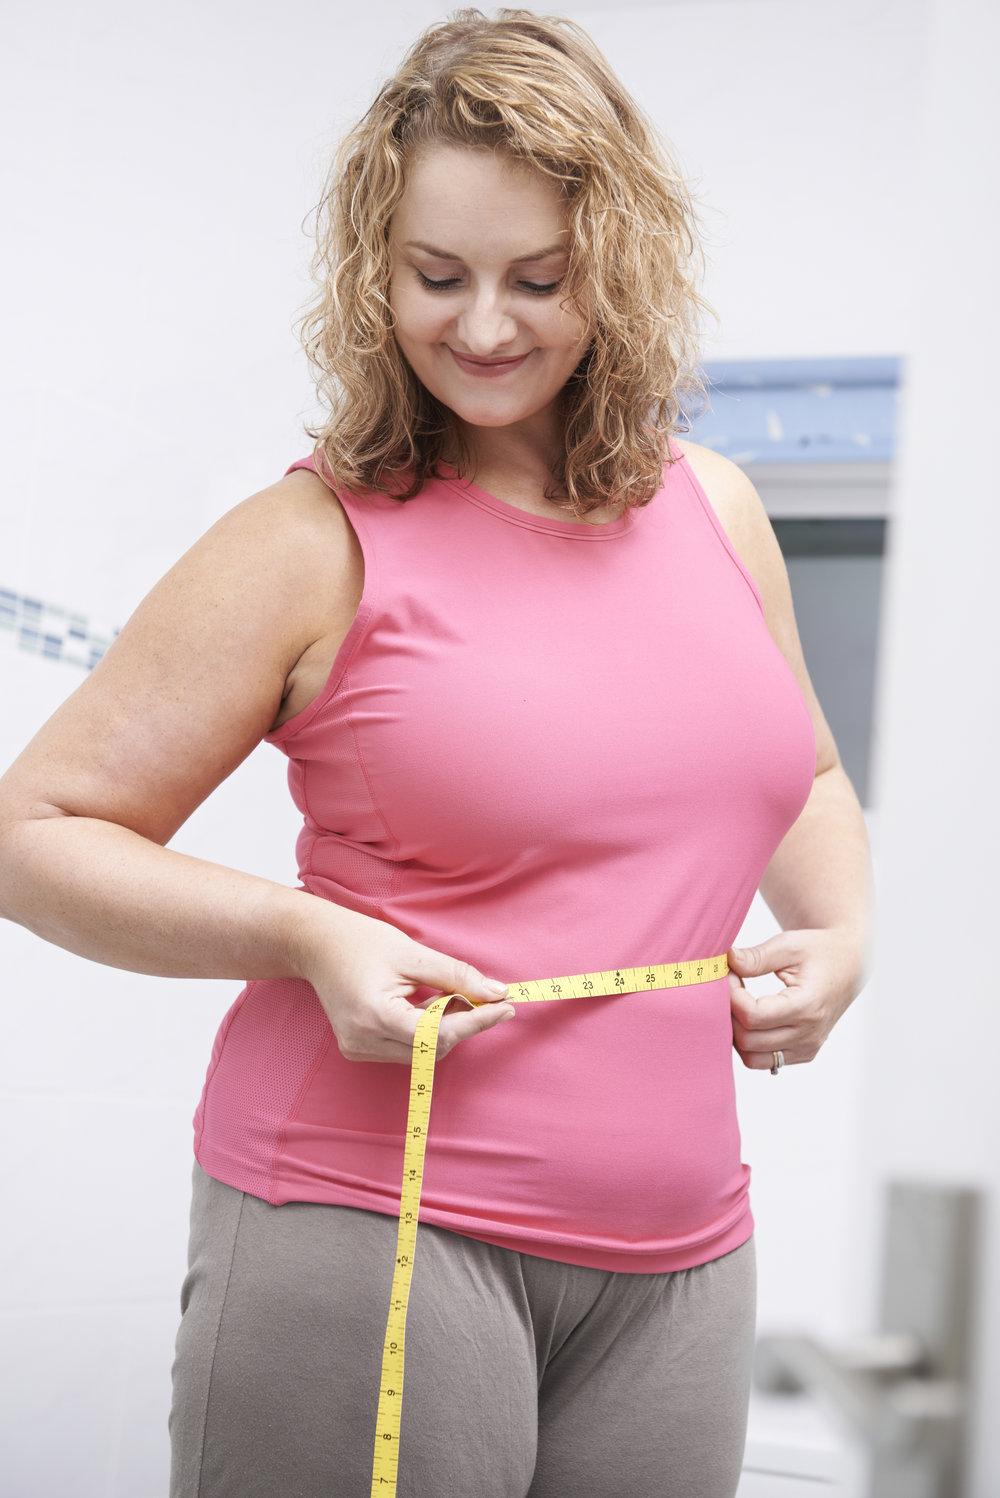 Waist Measure Wait circumference obesity BMI